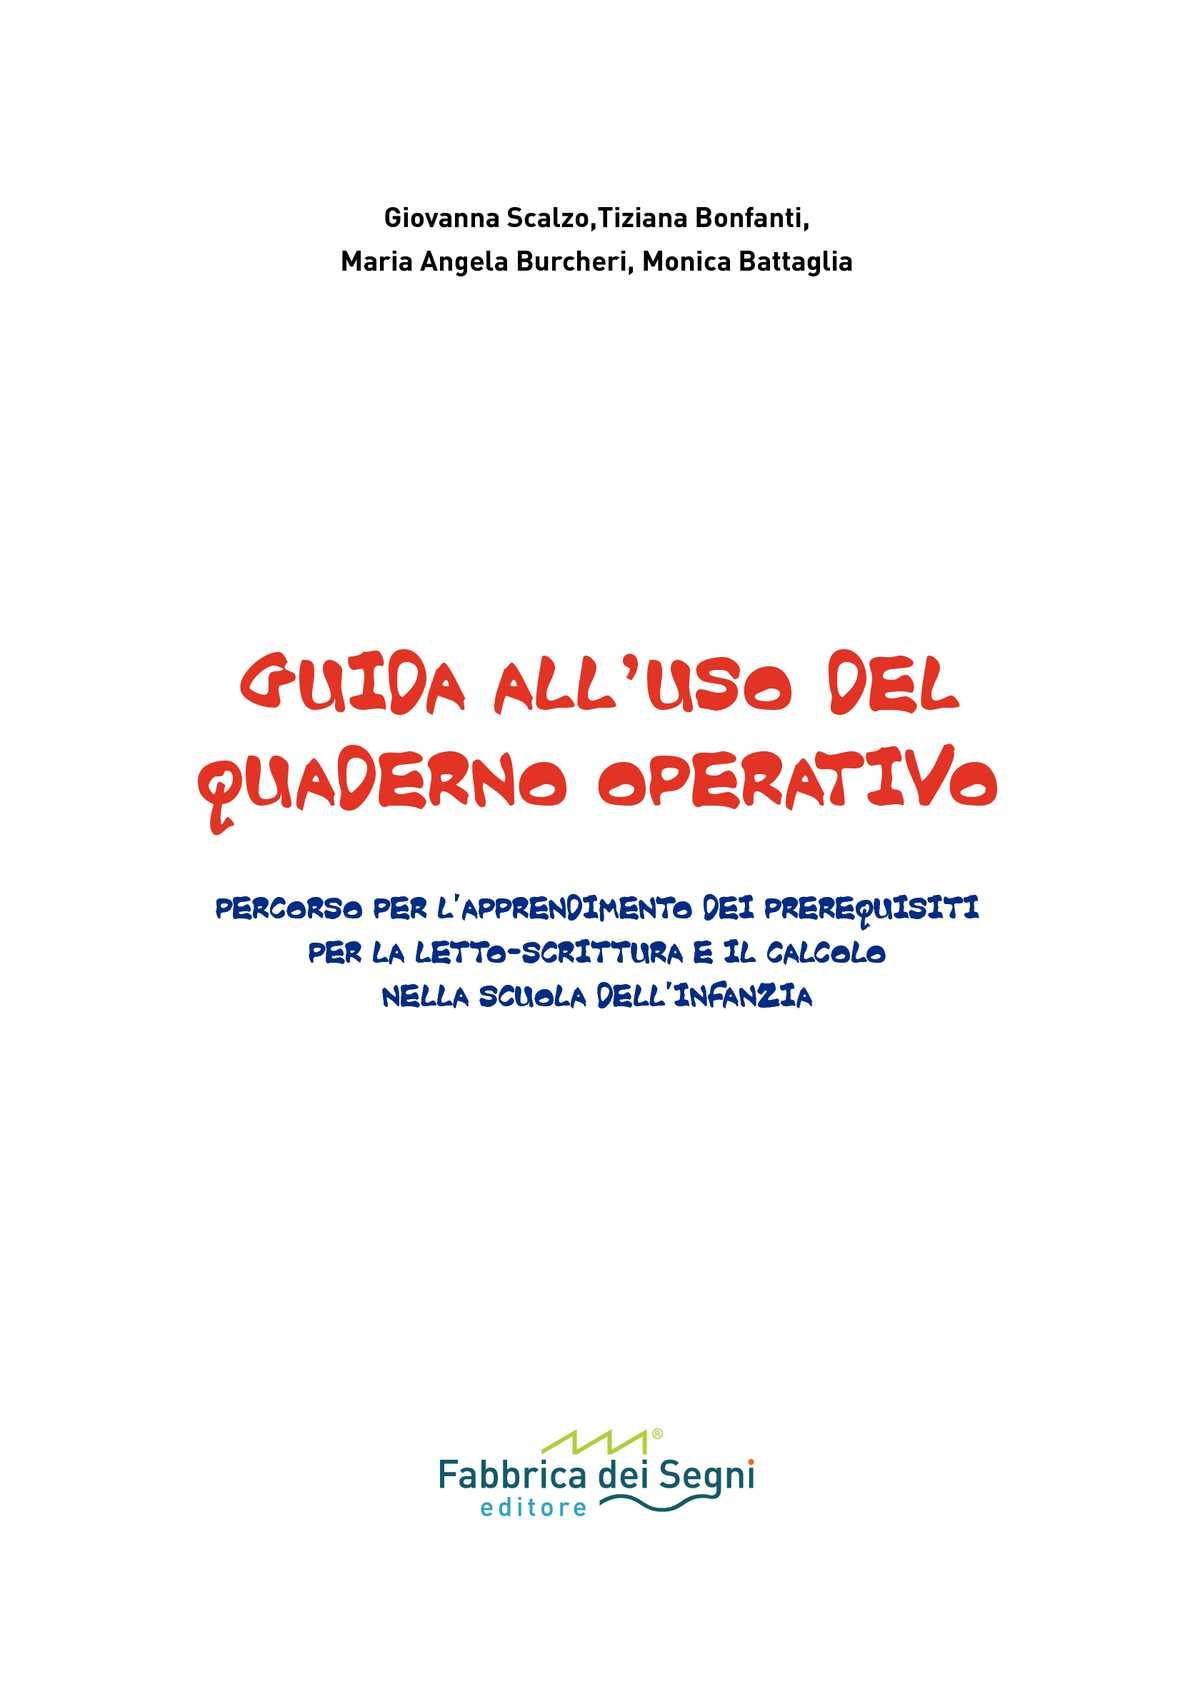 Guida_al_quaderno_operativo